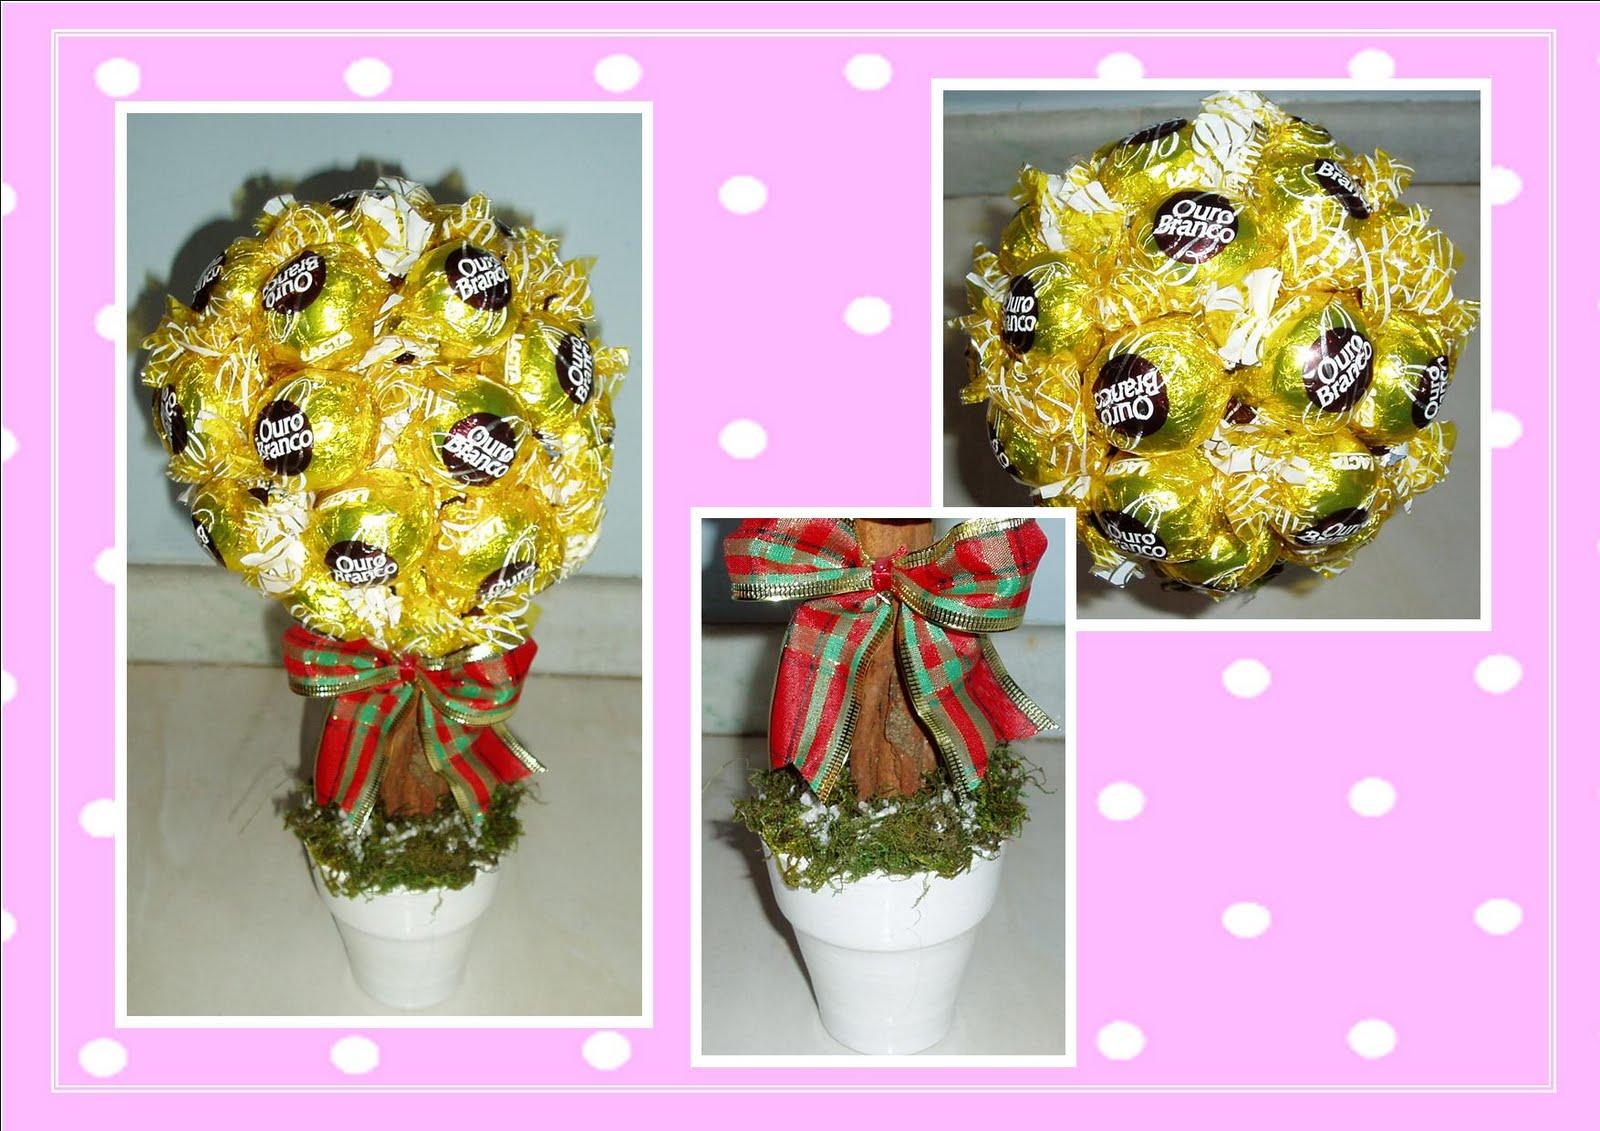 decorar ouro branco:Topiaria Chocolate Ouro Branco é uma delícia!! Serve para dar de